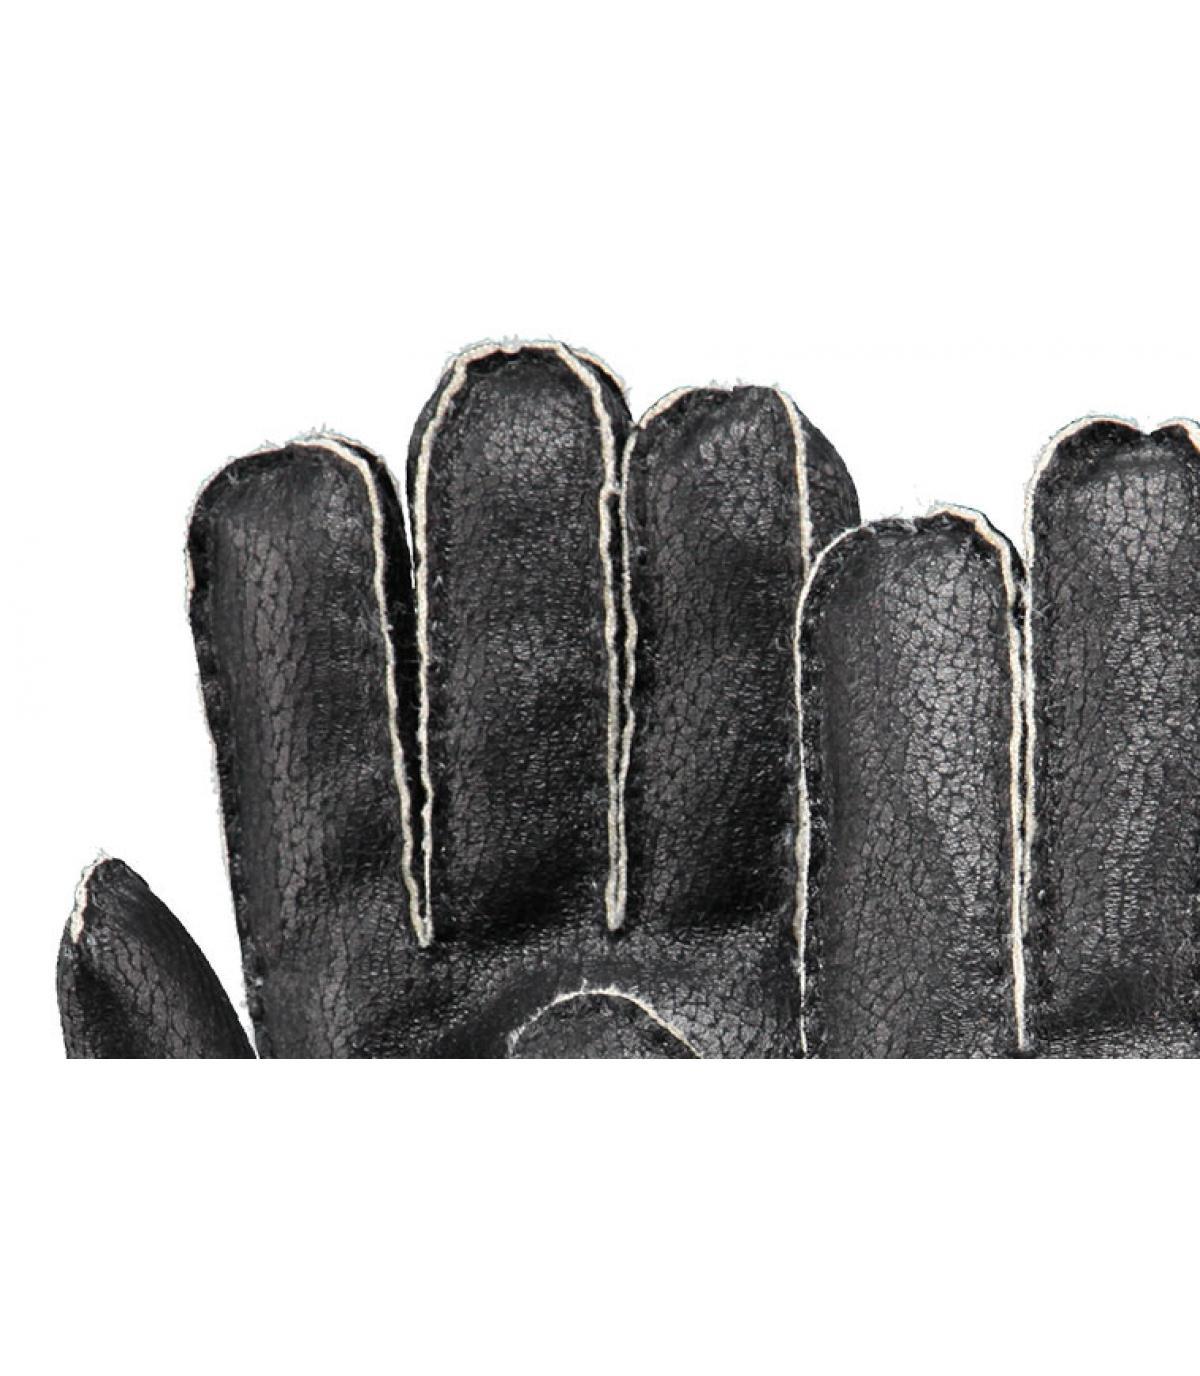 Details Chakku handschoenen heren zwart - afbeeling 2